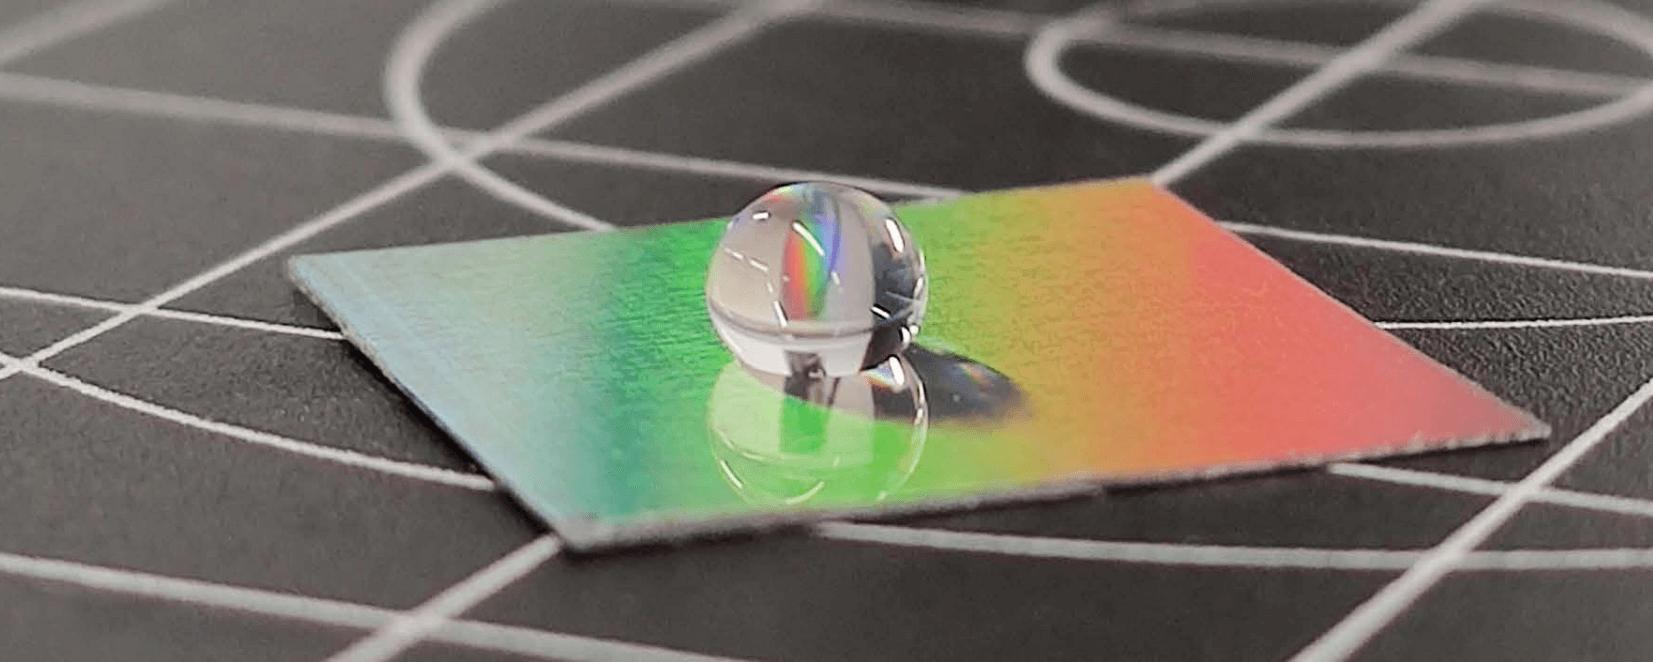 Efektivní funkcionalizace laserového povrchu